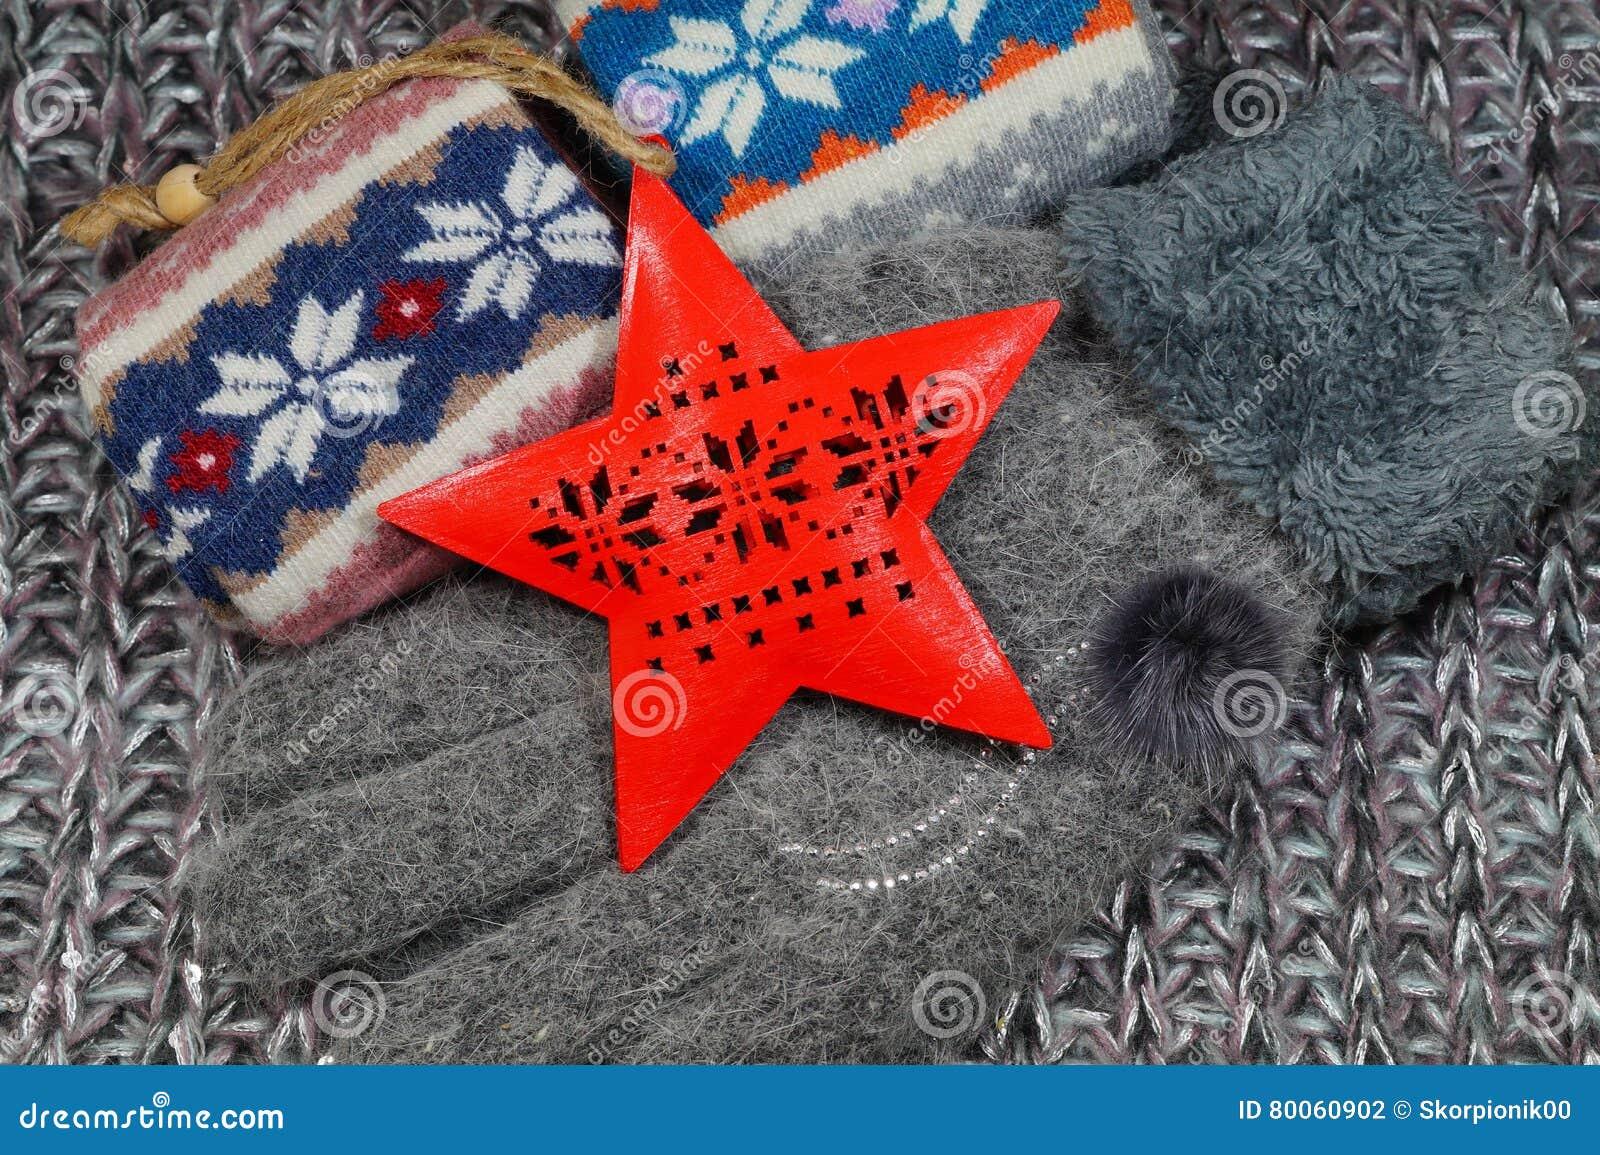 Di Sciarpa Il Popolare Una Donna Natale Regalo Lana Per qng0RpU